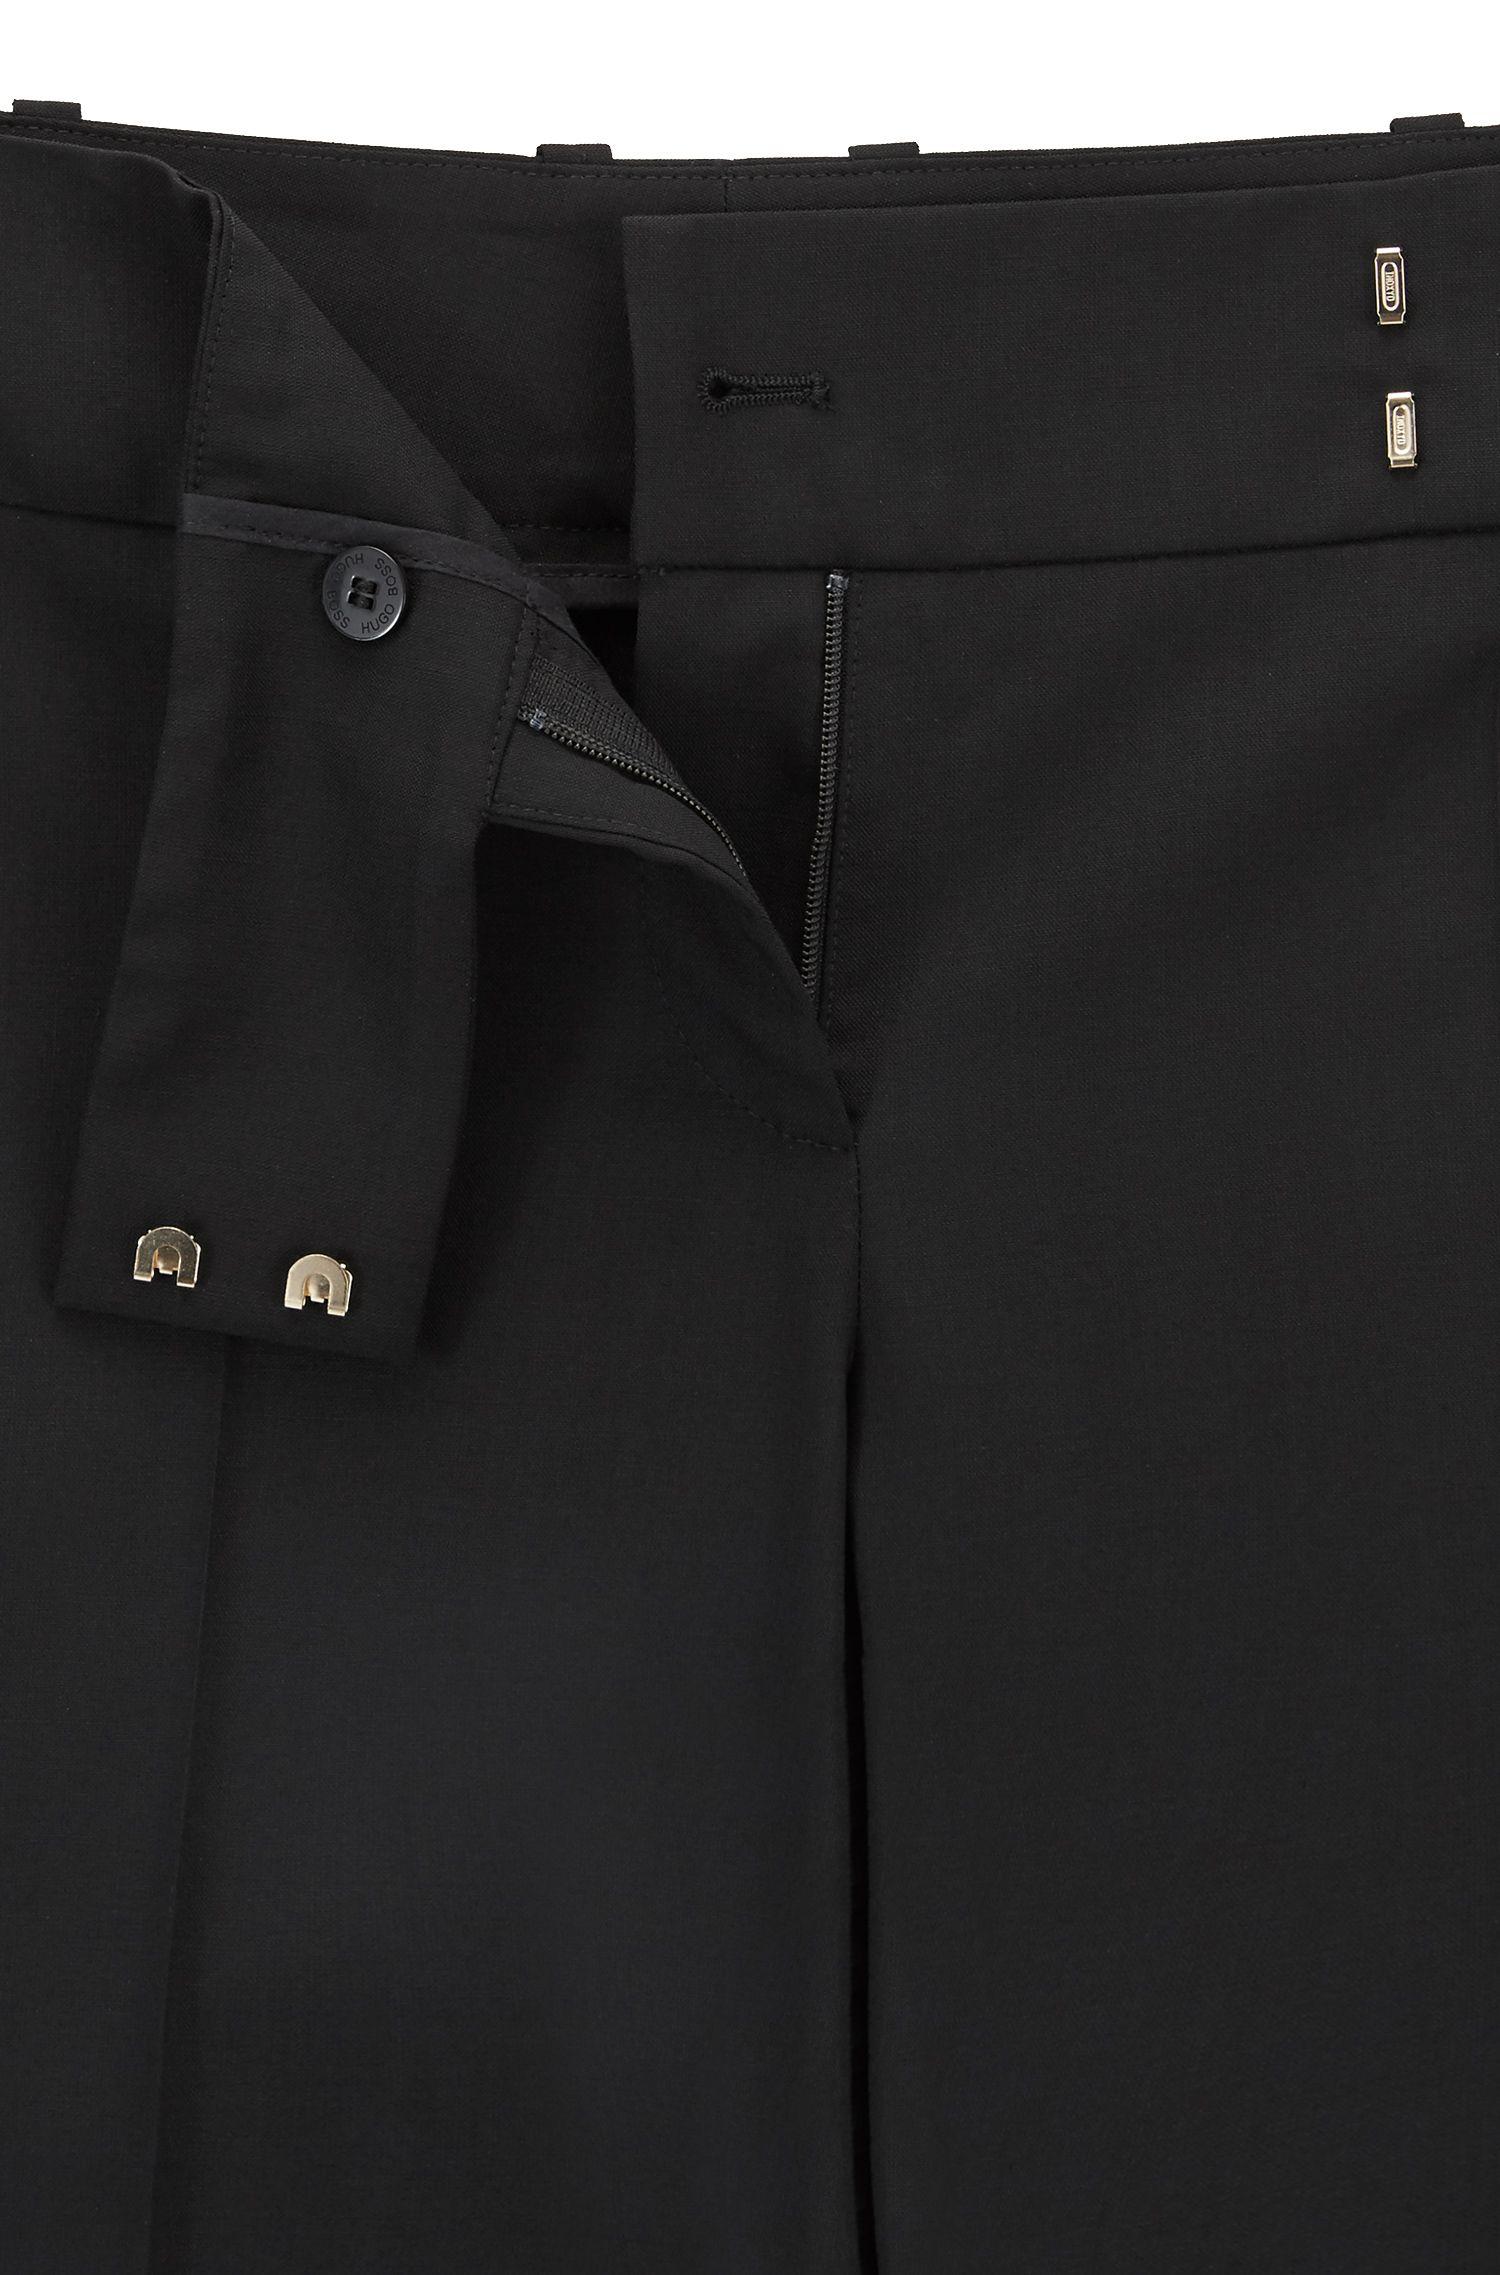 Pantalones formales en lana virgen elástica